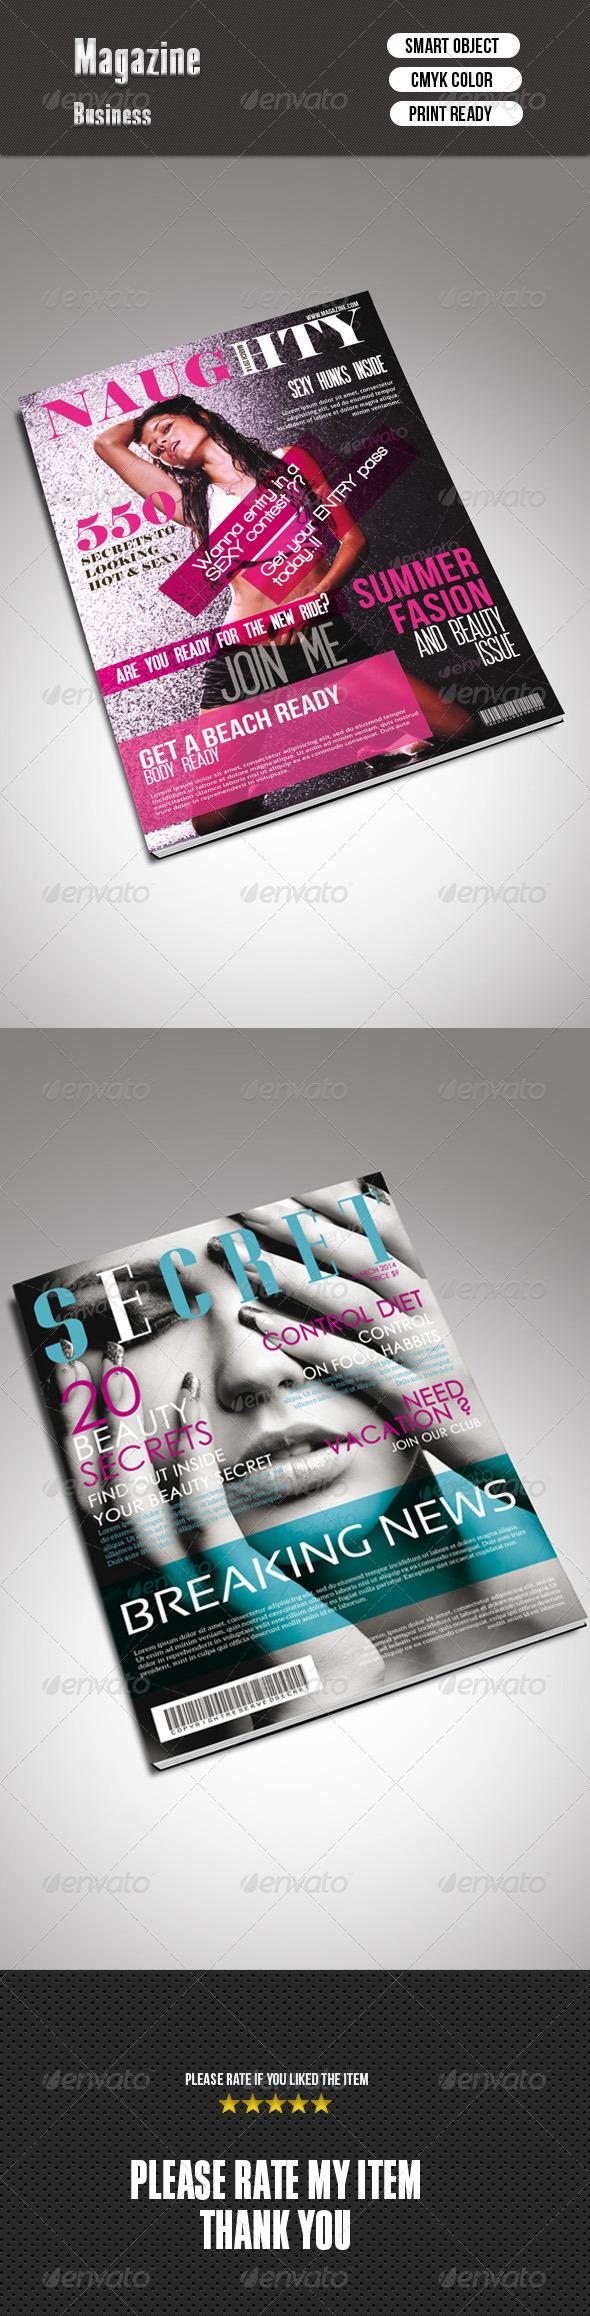 GraphicRiver Magazine Cover Bundle 7514853